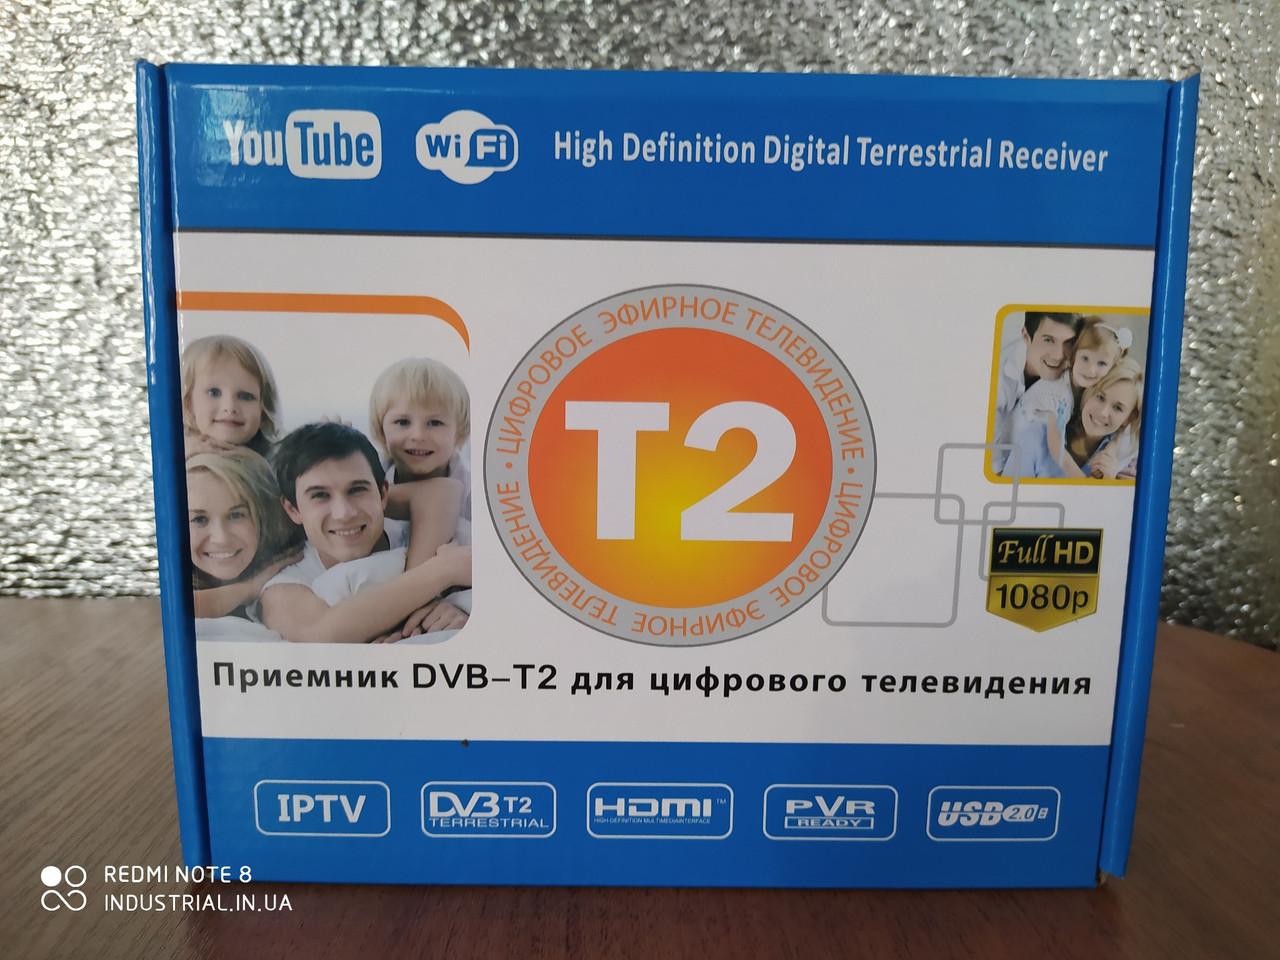 Приемник DVB-Т2 для цифрового телевидения корпус метал